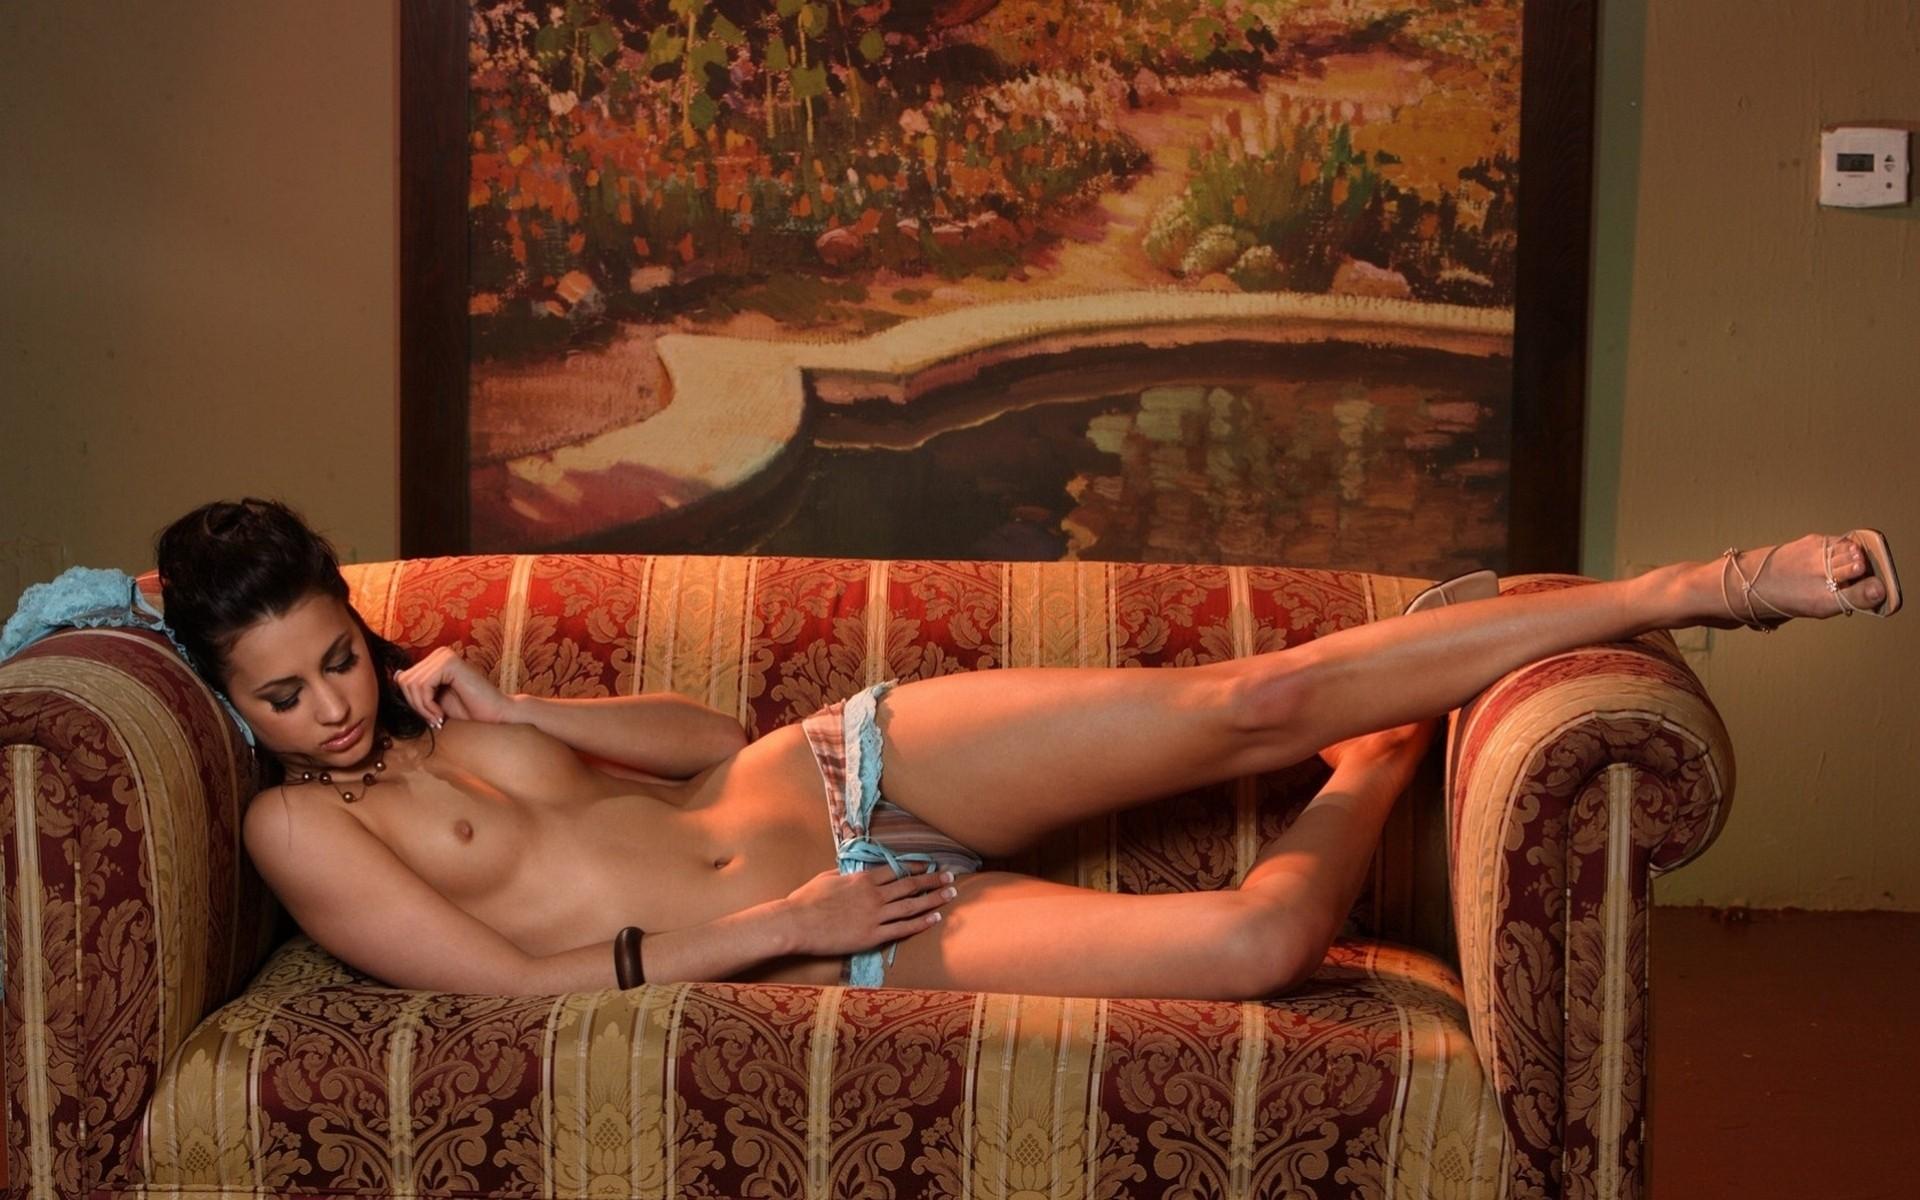 эротическое видео сексуальная развратница на диване